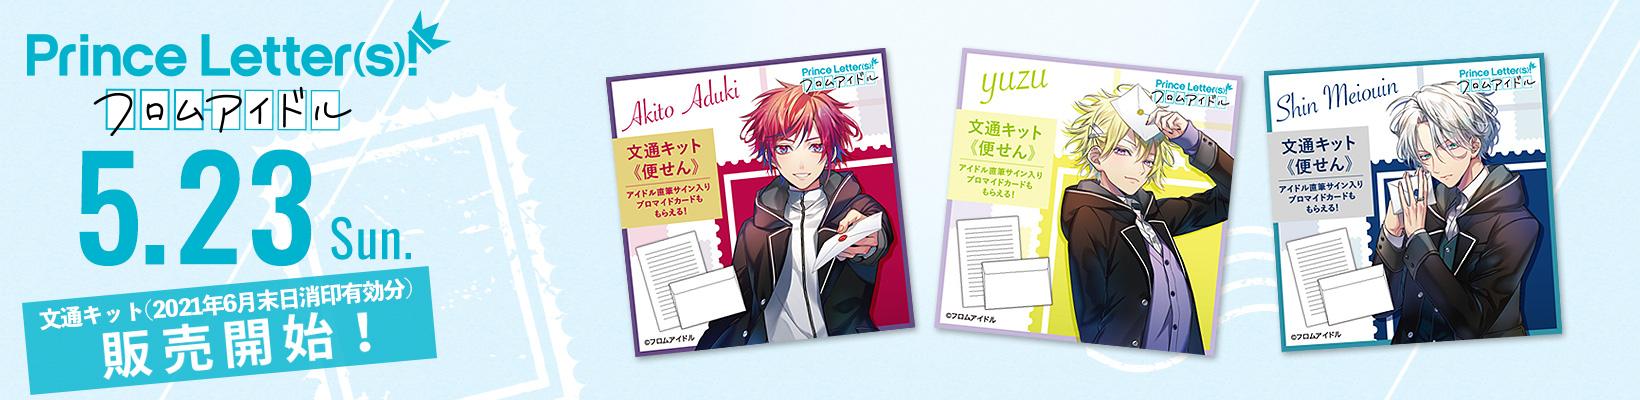 Prince Letter(s)!フロムアイドル  5.23sun. 販売開始!